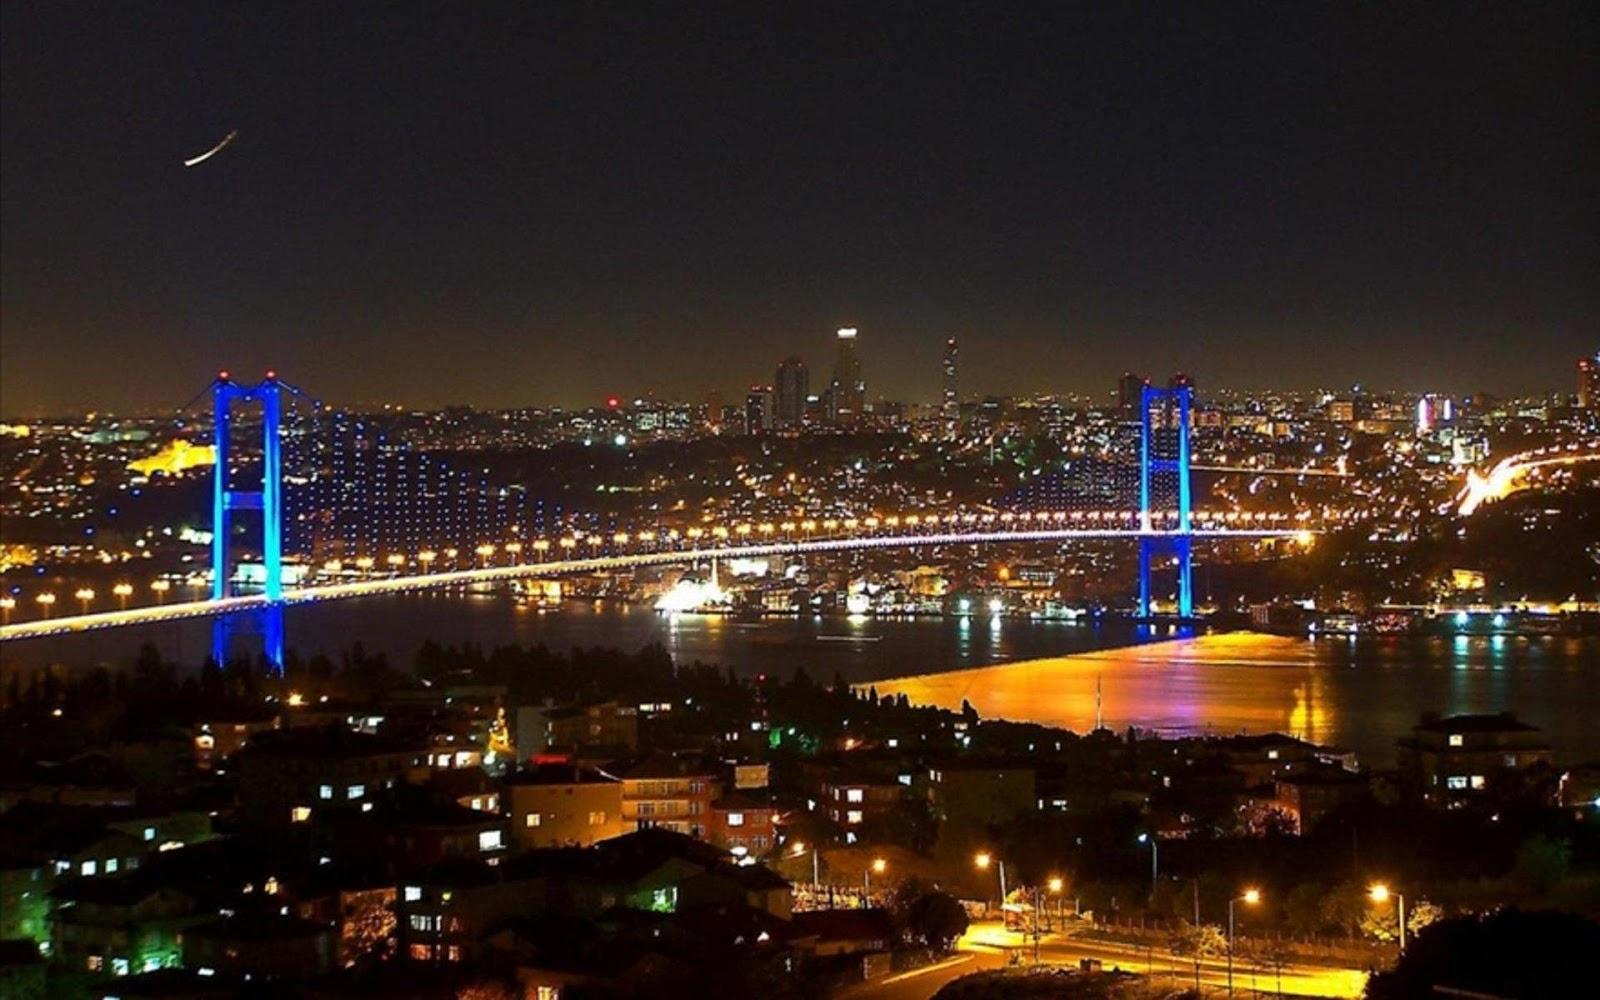 HD Wallpapers Desktop Turkey Country HD DeskTop Wallpapers 1600x1000